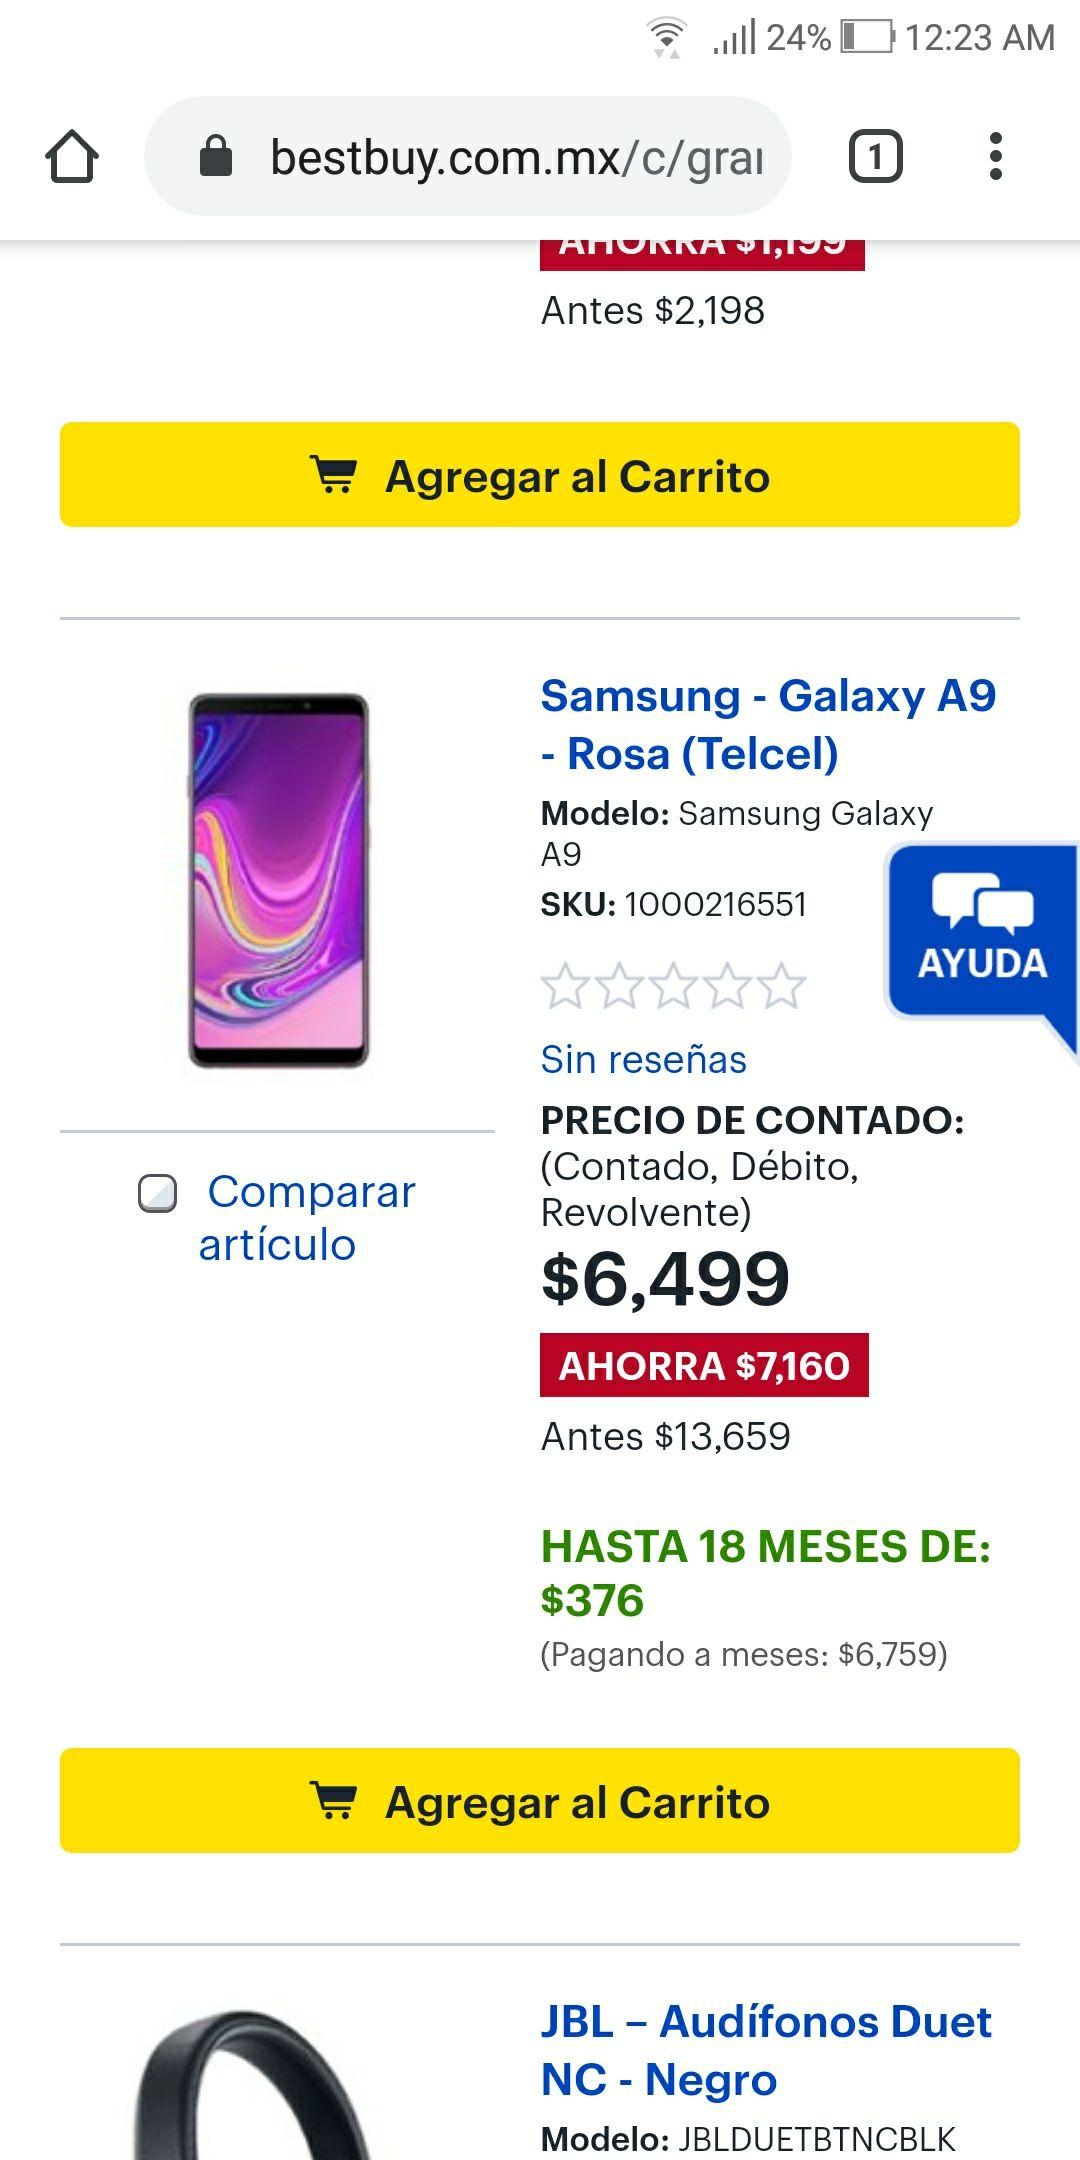 Bestbuy: Samsung galaxy A9 rosa